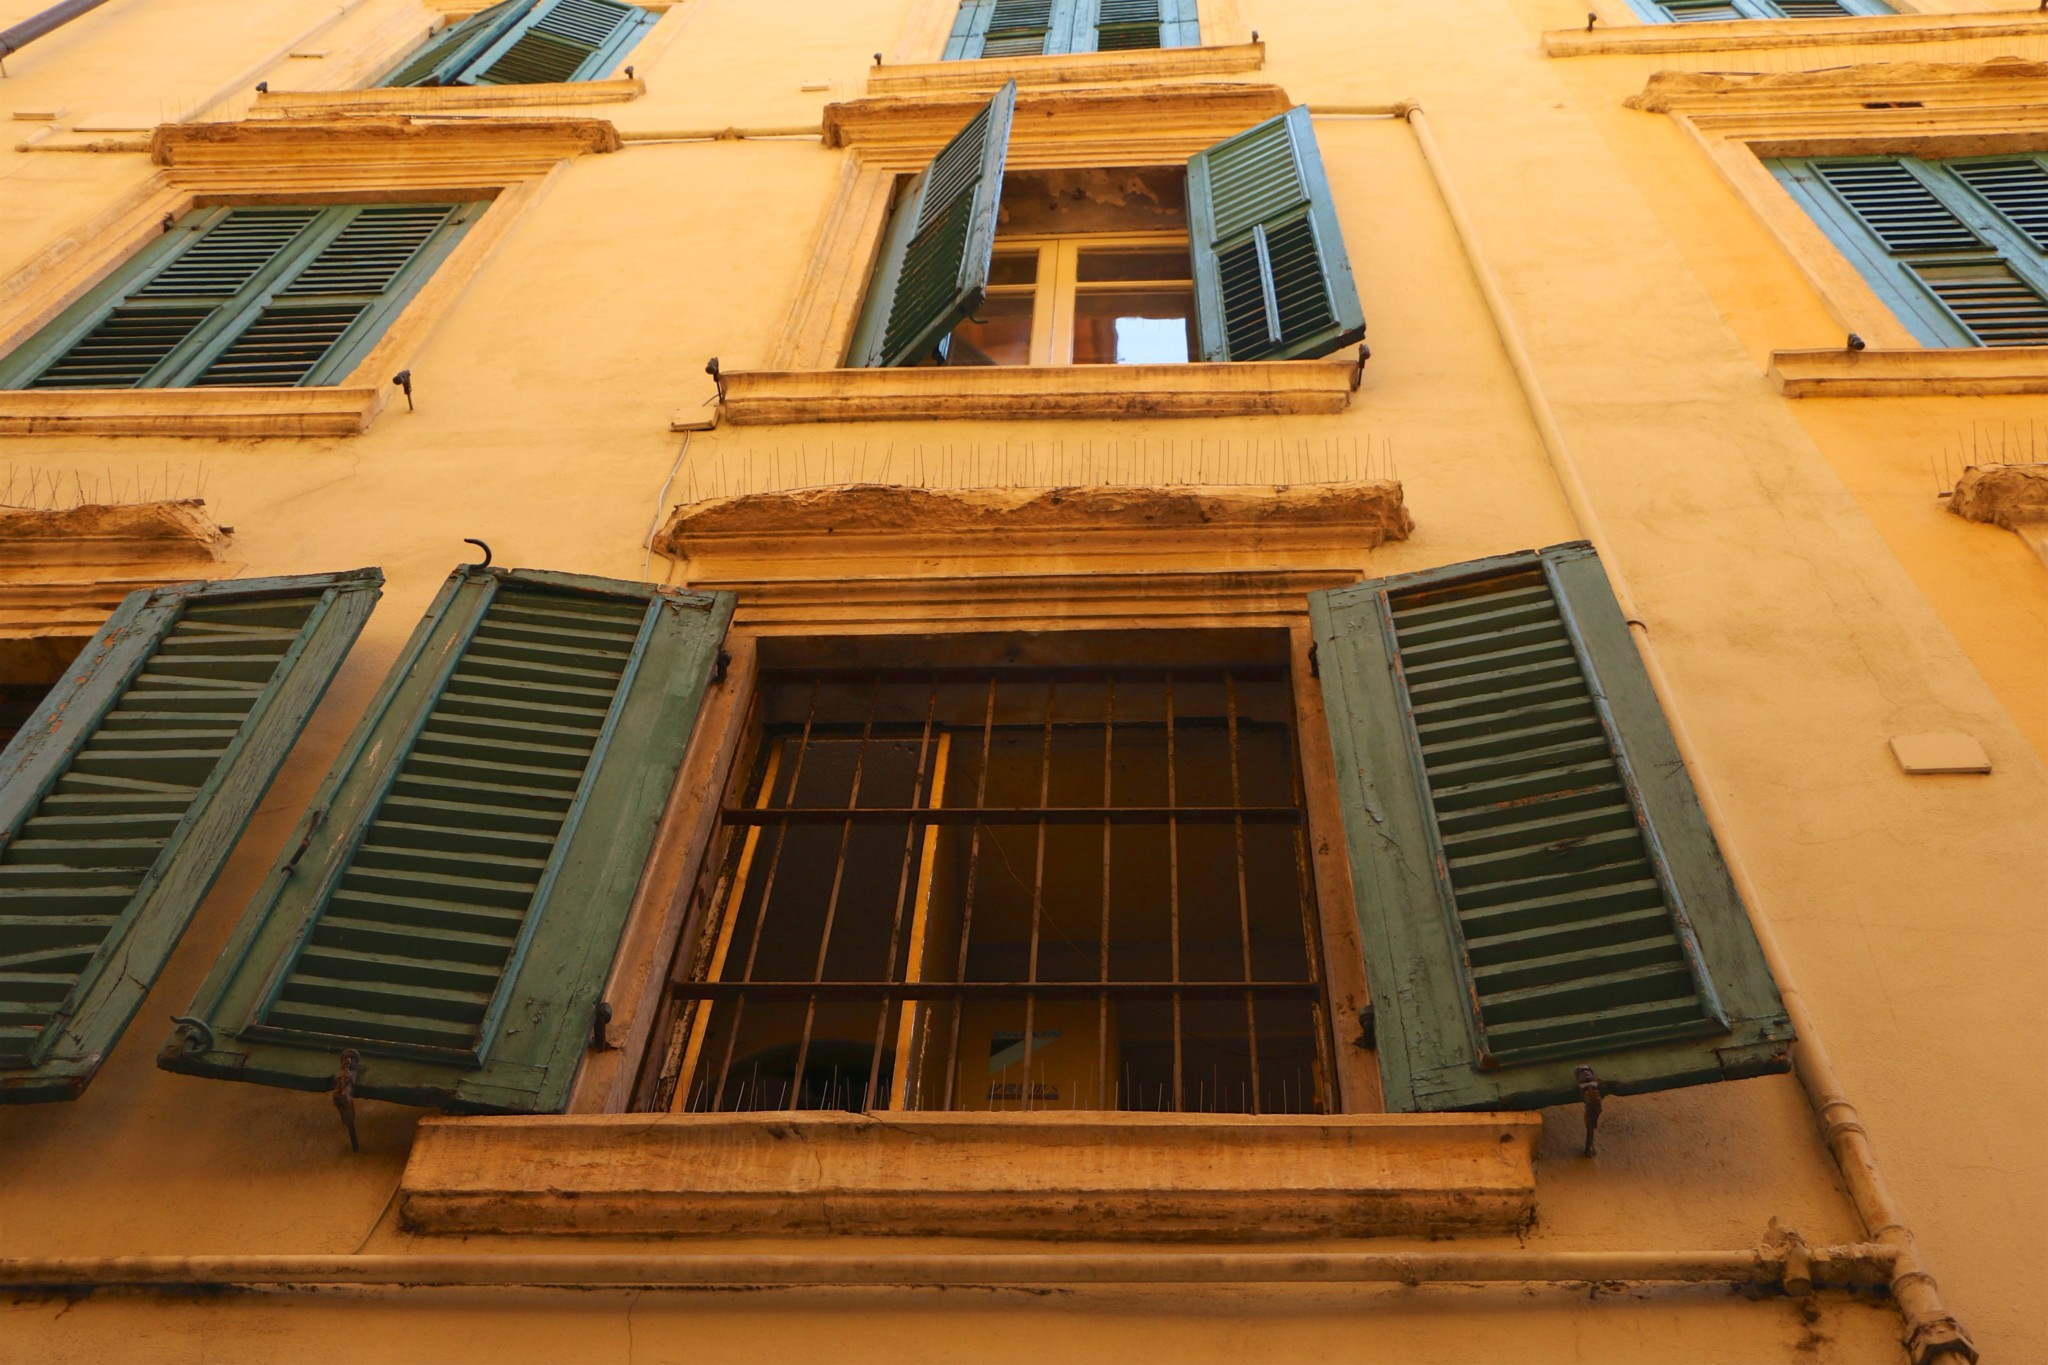 Wandering │Verona, Italy